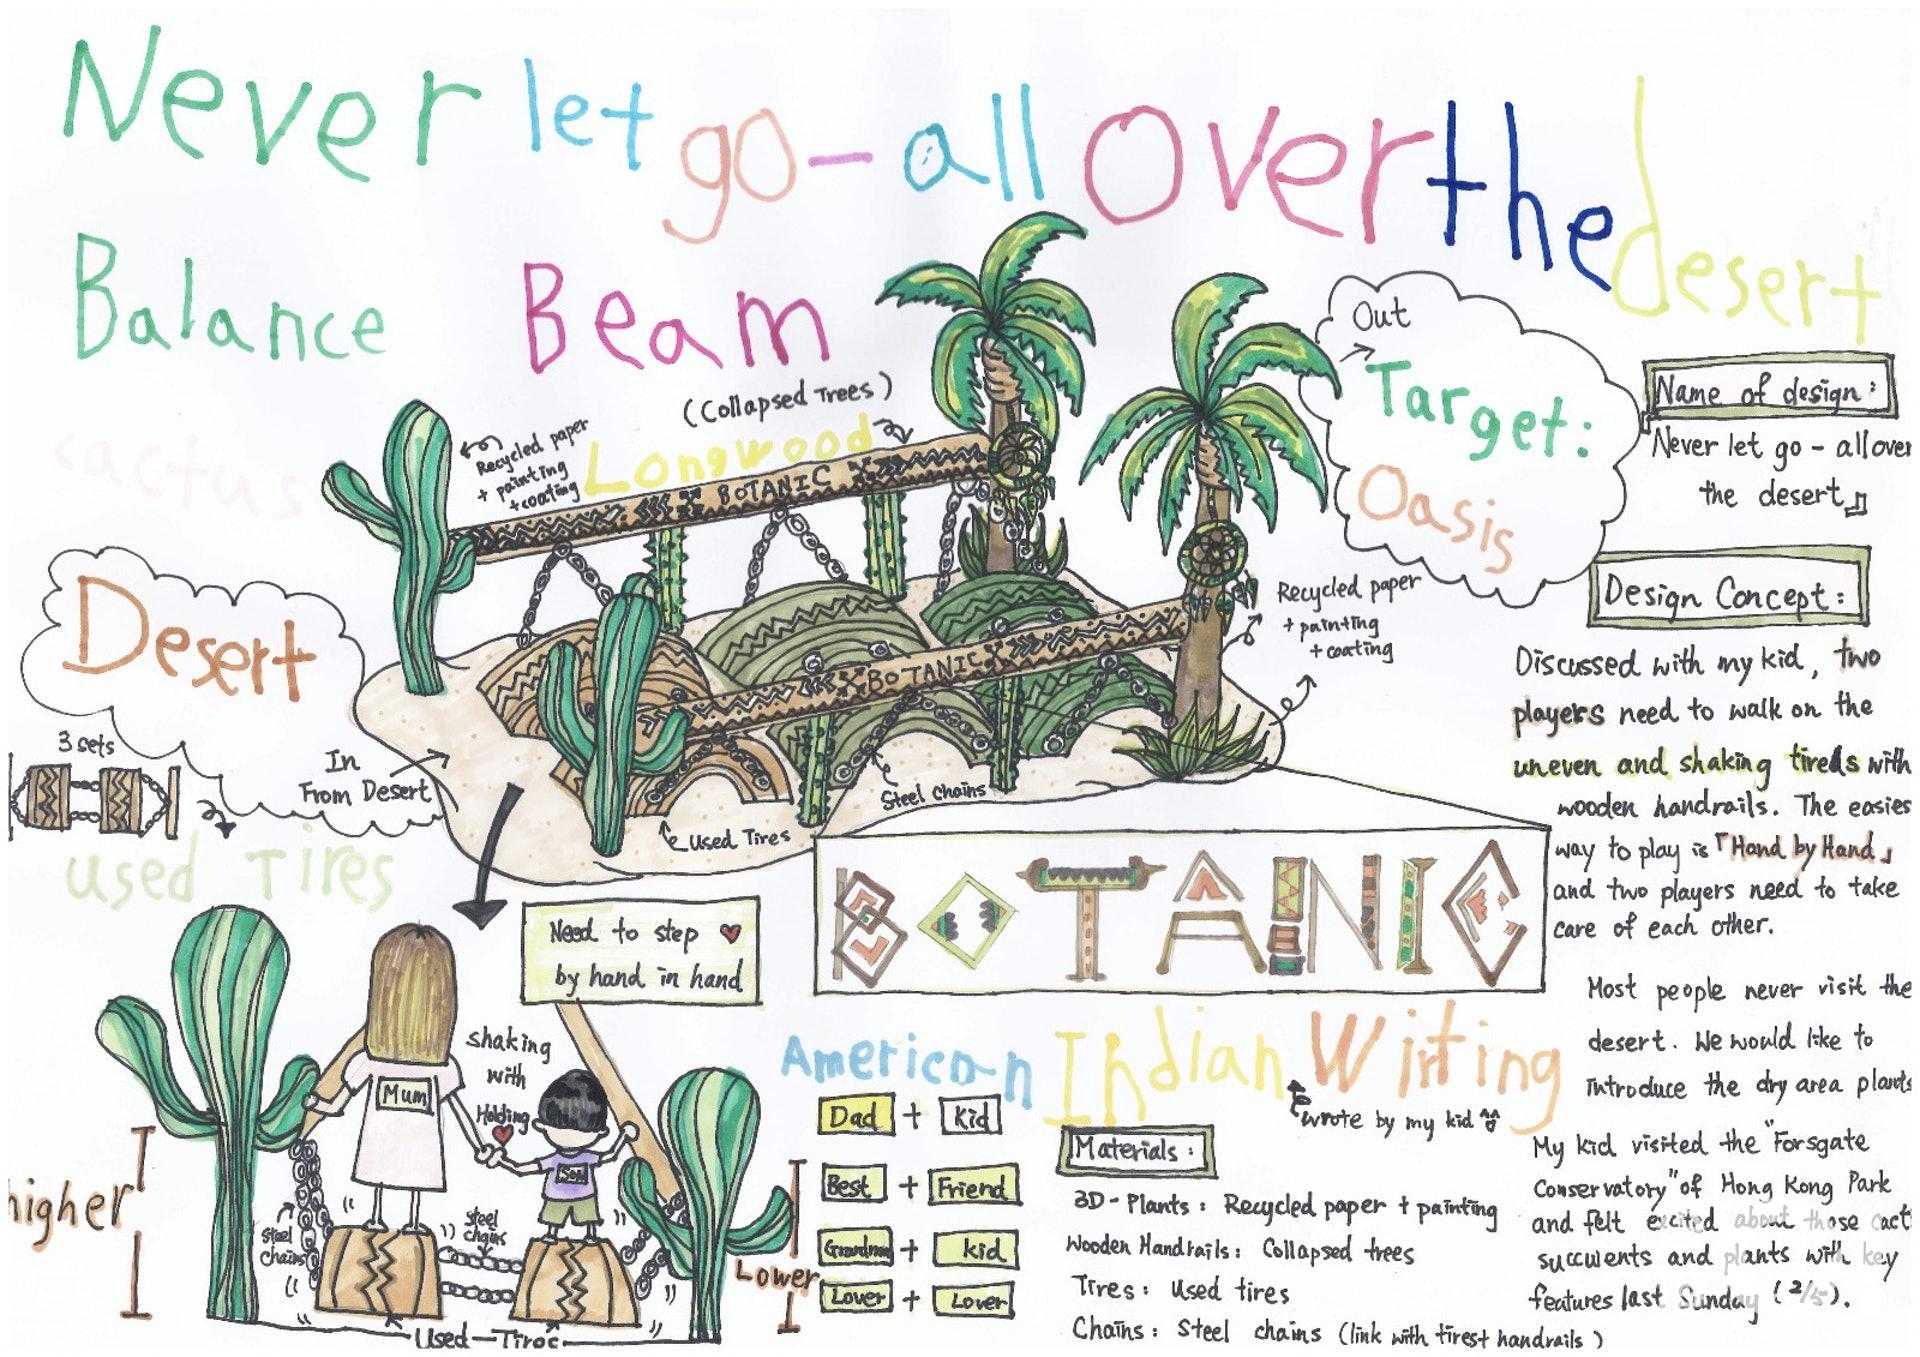 學校邀請學生設計遊樂設施後,挑選了約50個草圖,再思考如何化成實物。